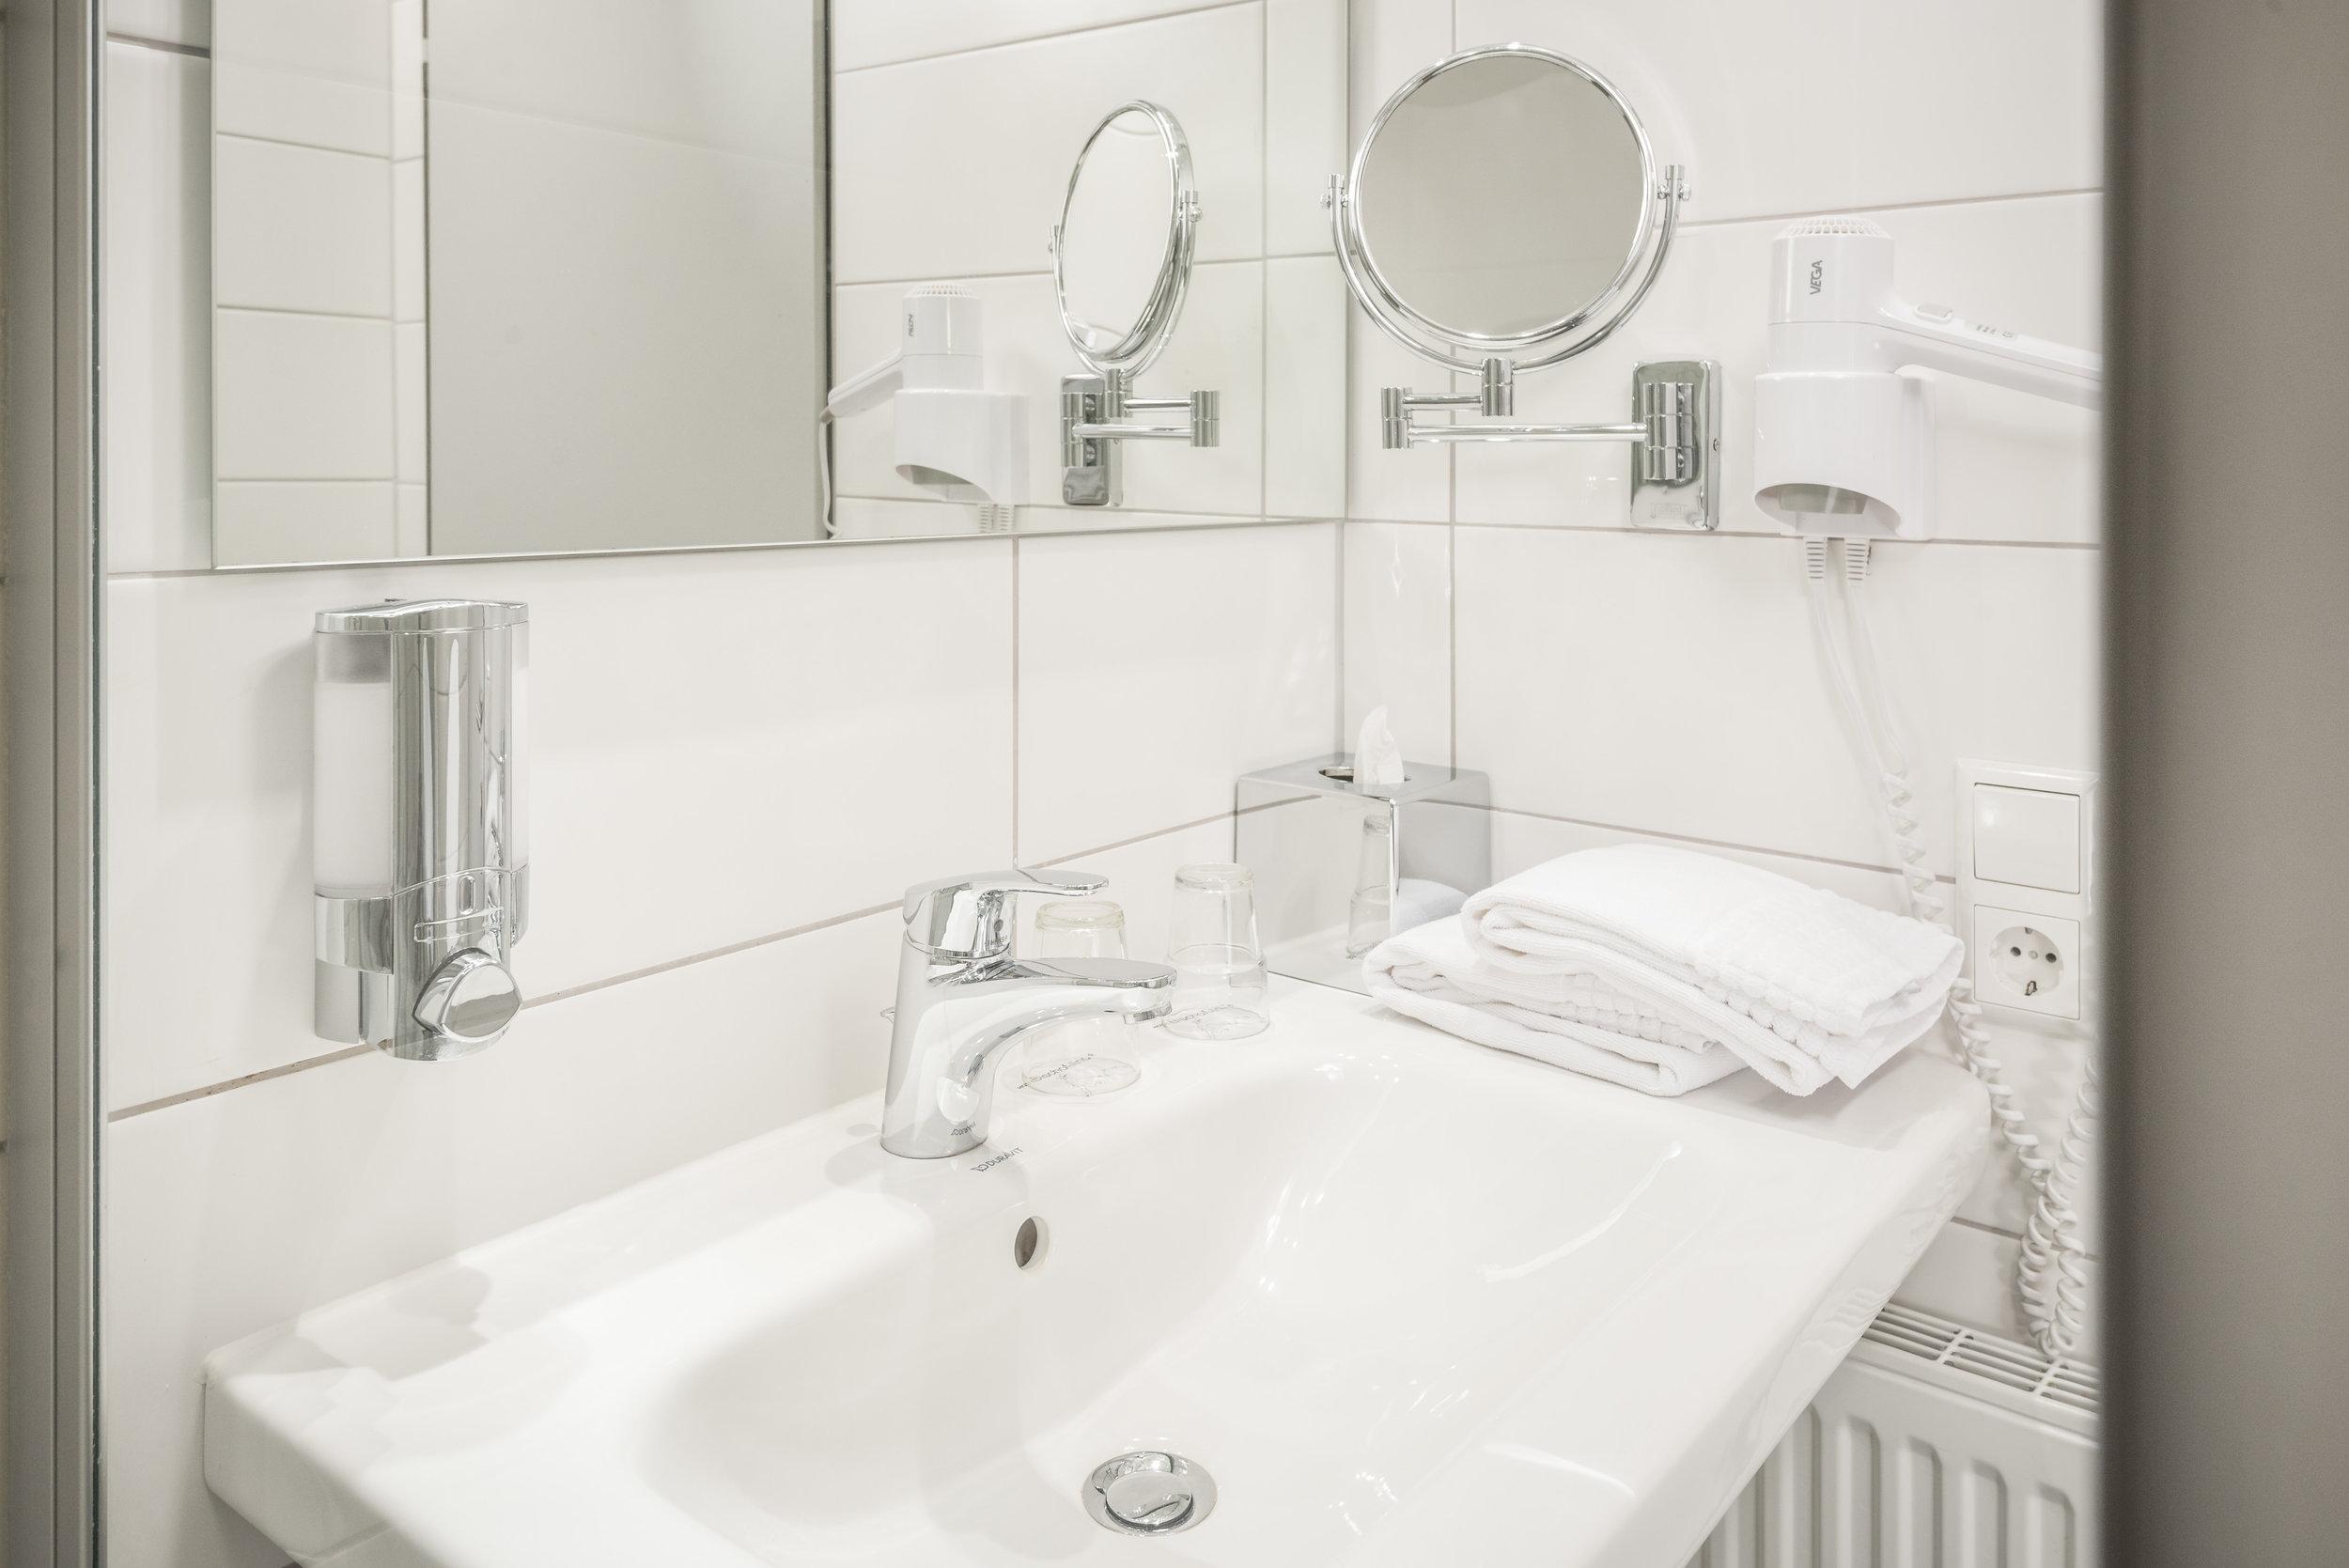 Hotel Bischofslinde - 170921 - 9245-Edit.jpg